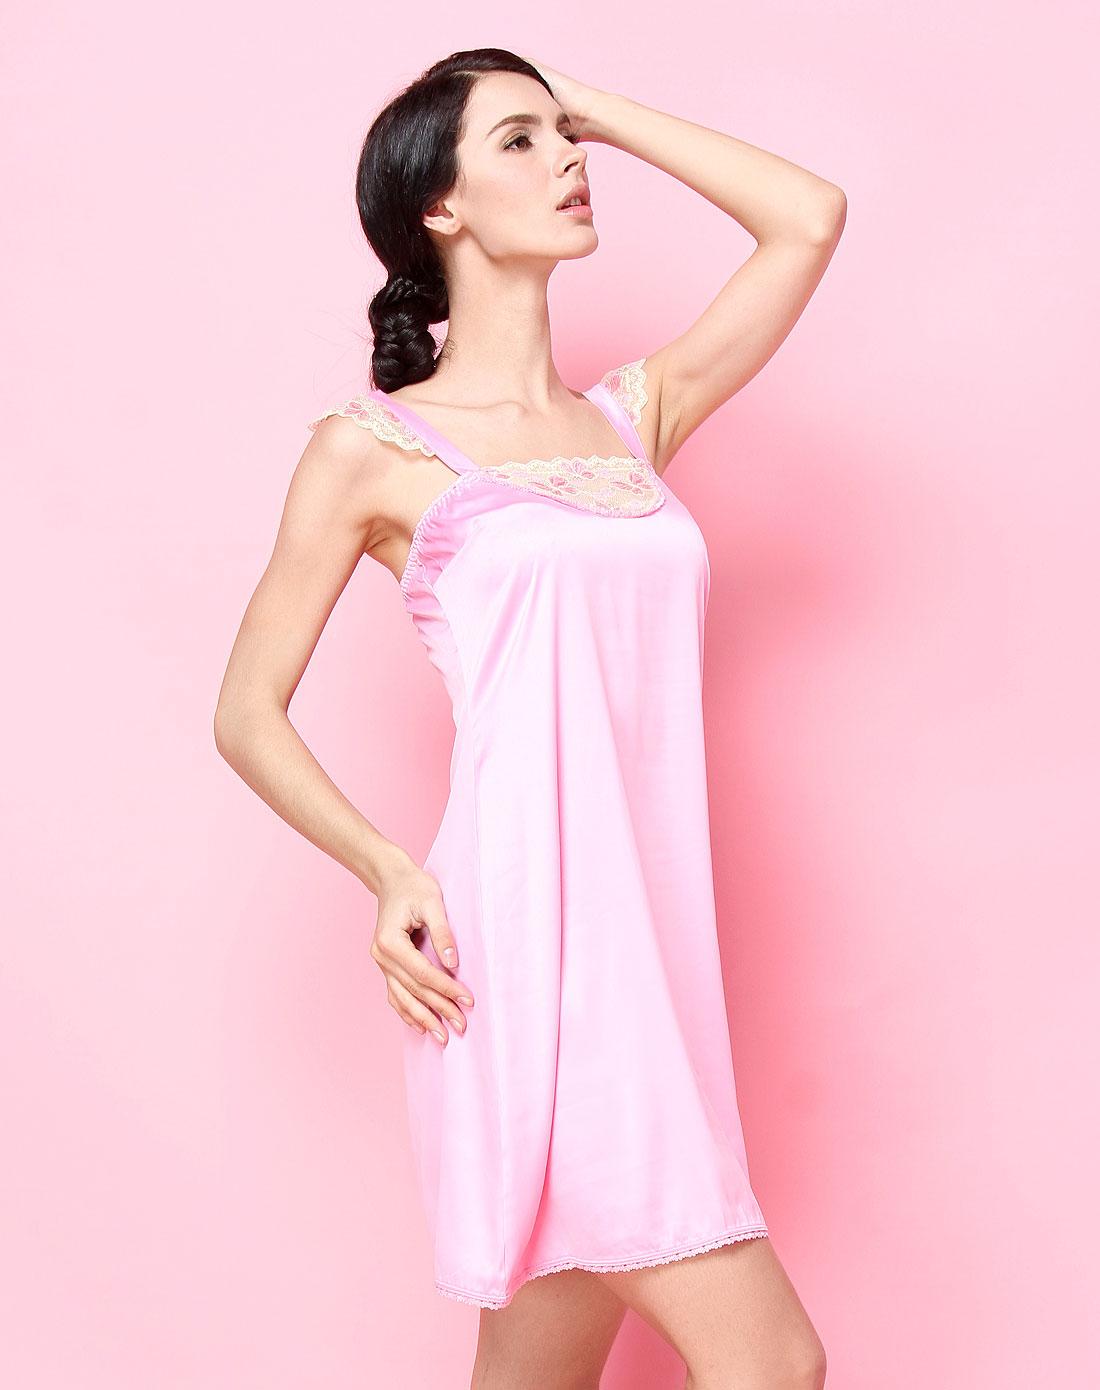 爱慕旗下年轻品牌男女内衣专场-爱美丽 女款深粉红色舒适绣花边吊带睡